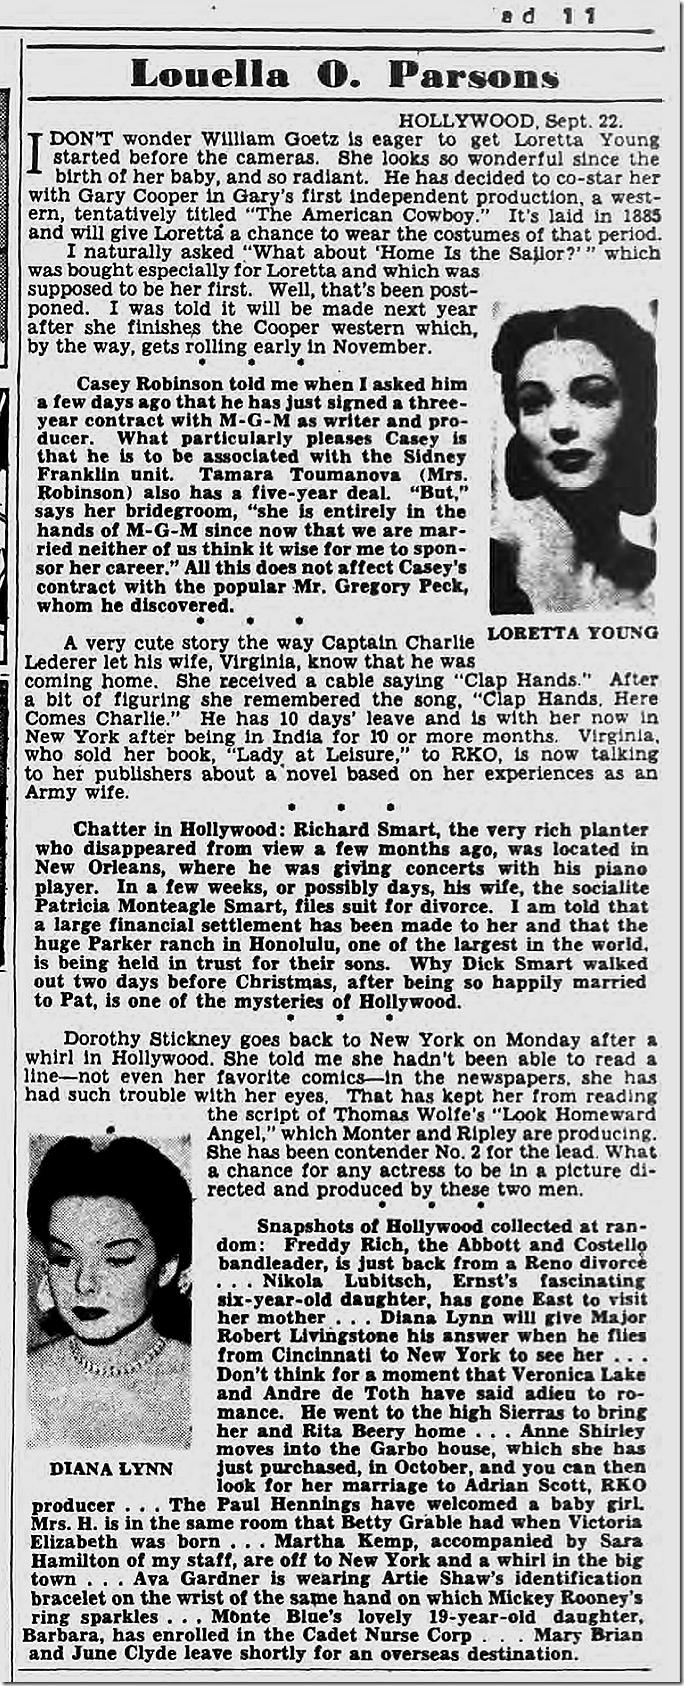 Sept. 23, 1944, Louella Parsons